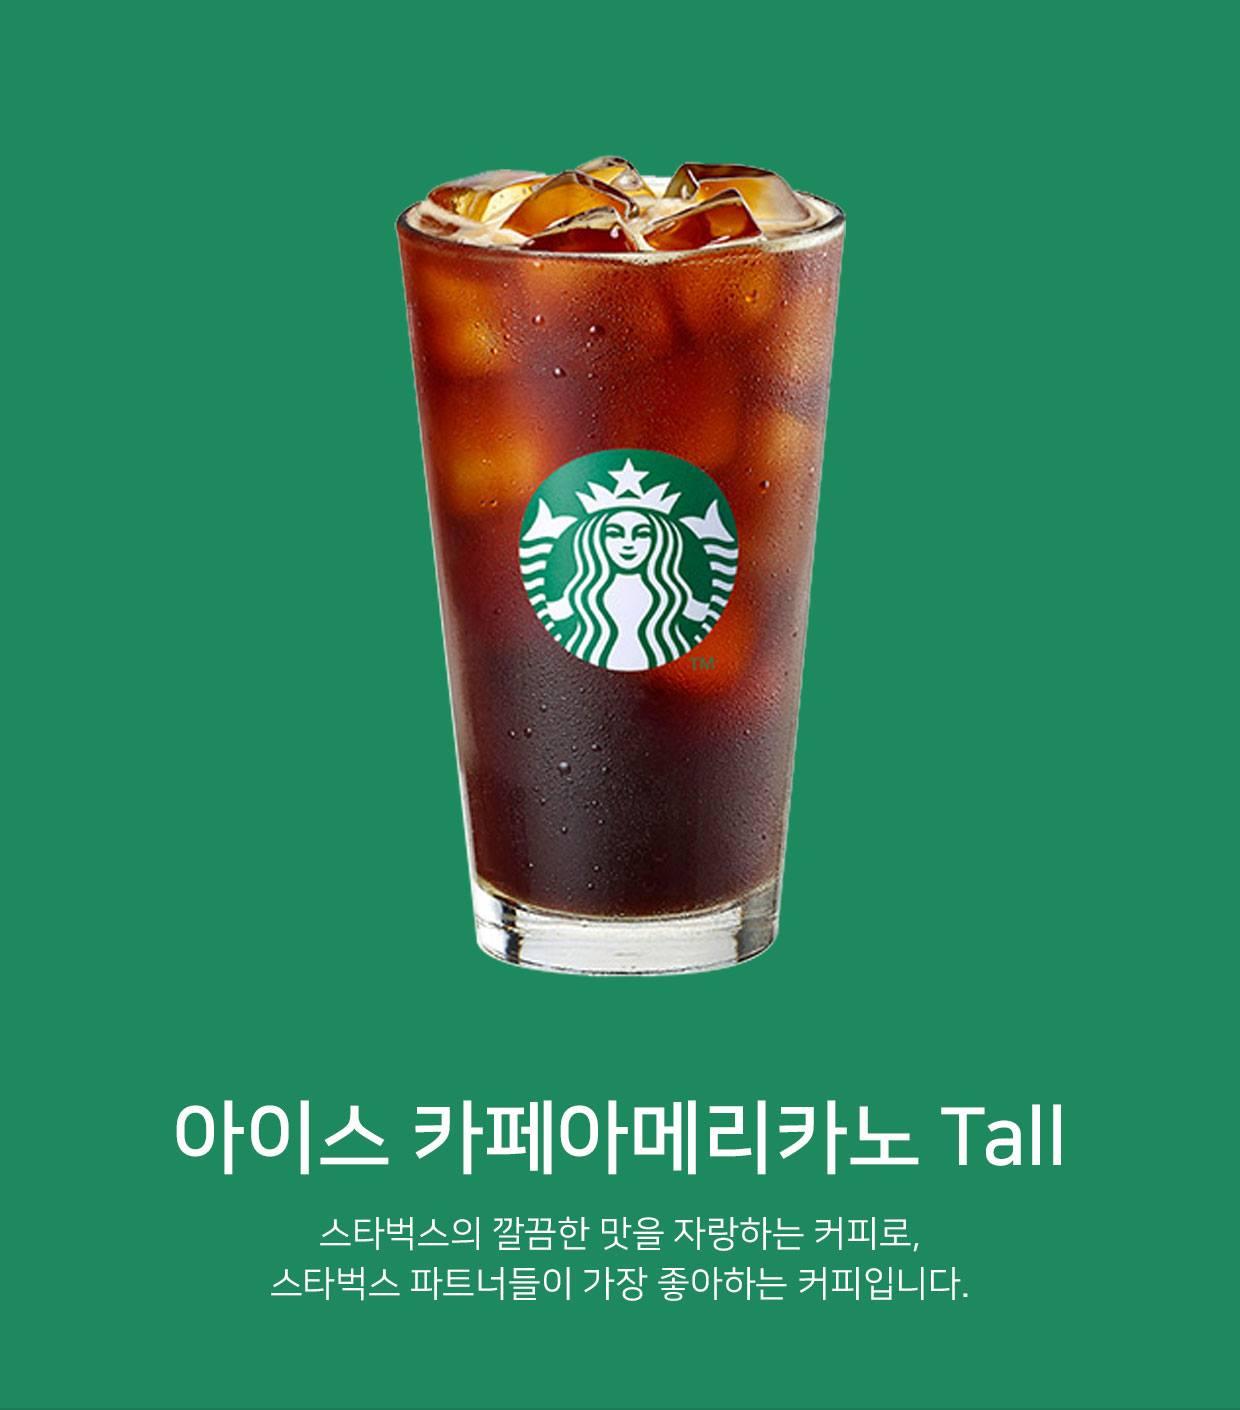 스타벅스 카페아메리카노 Tall 교환권